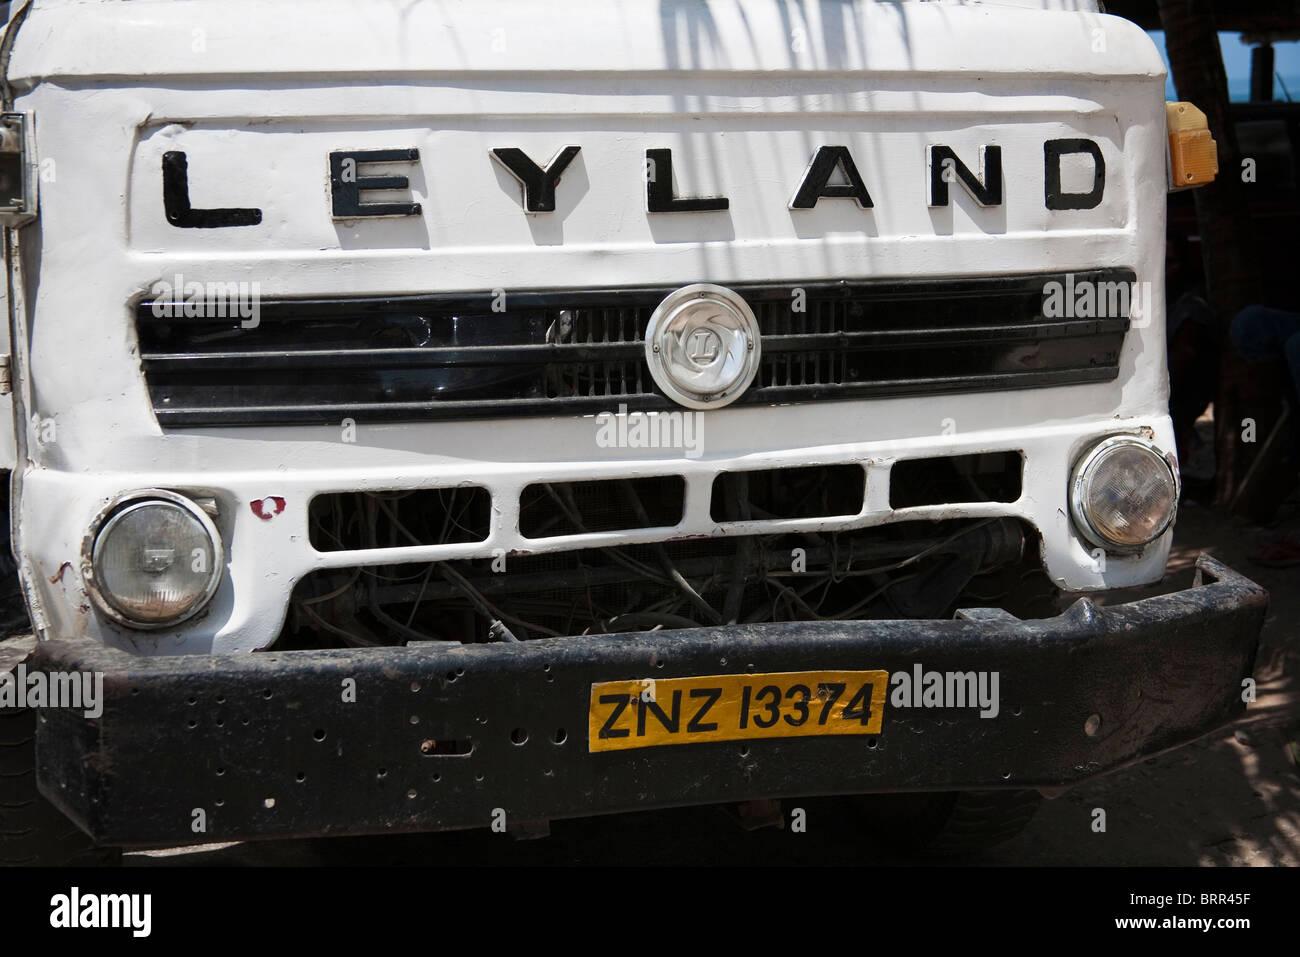 Vor einem alten Leyland LKW wahrscheinlich stammt aus den 80er Jahren Stockbild